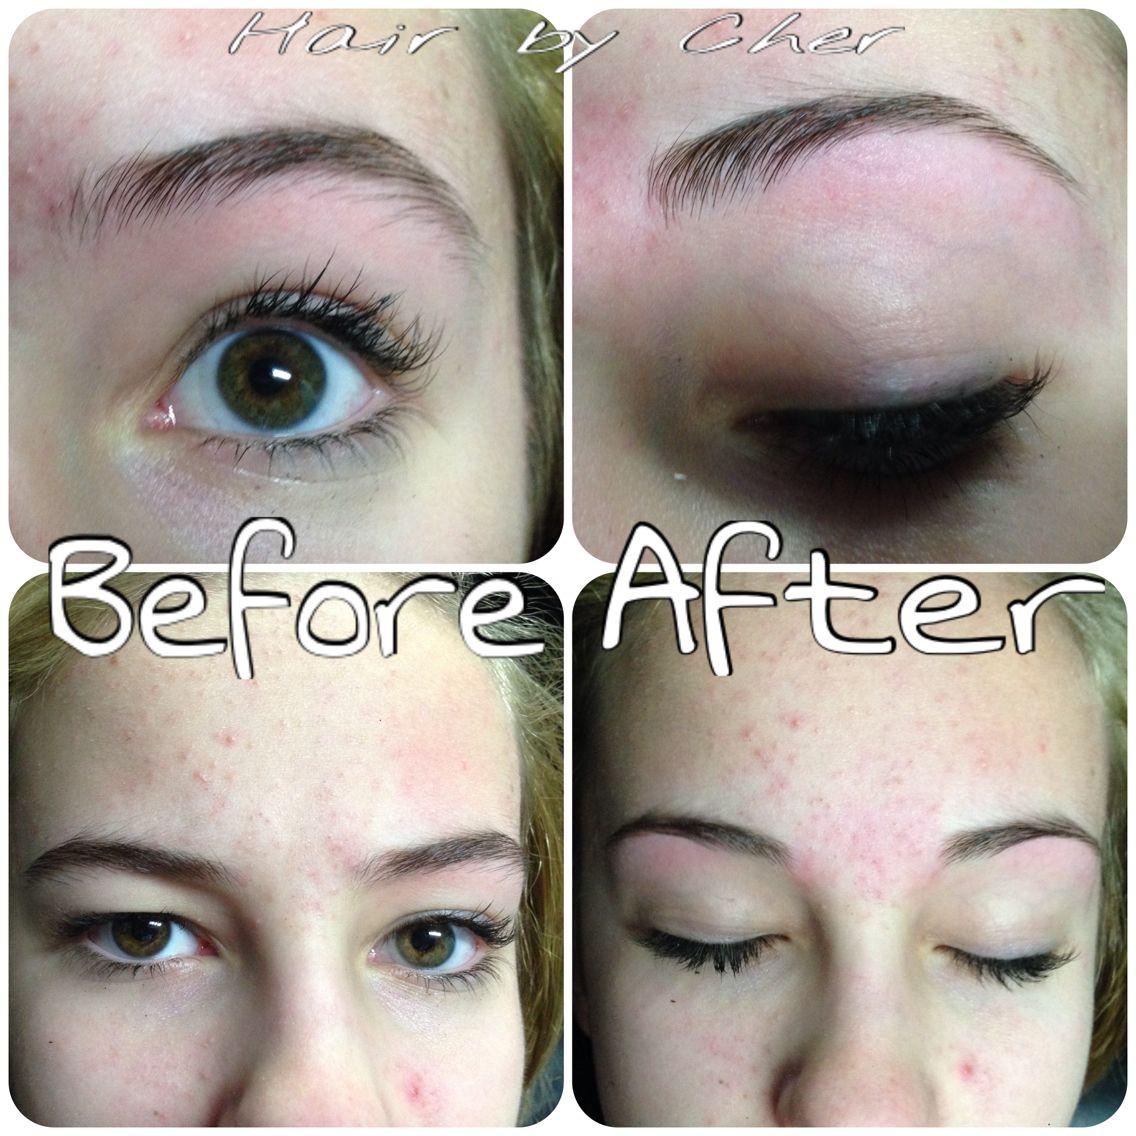 Eyebrow Waxing Before And After Waxed Eyebrows Hair Art Eyebrows